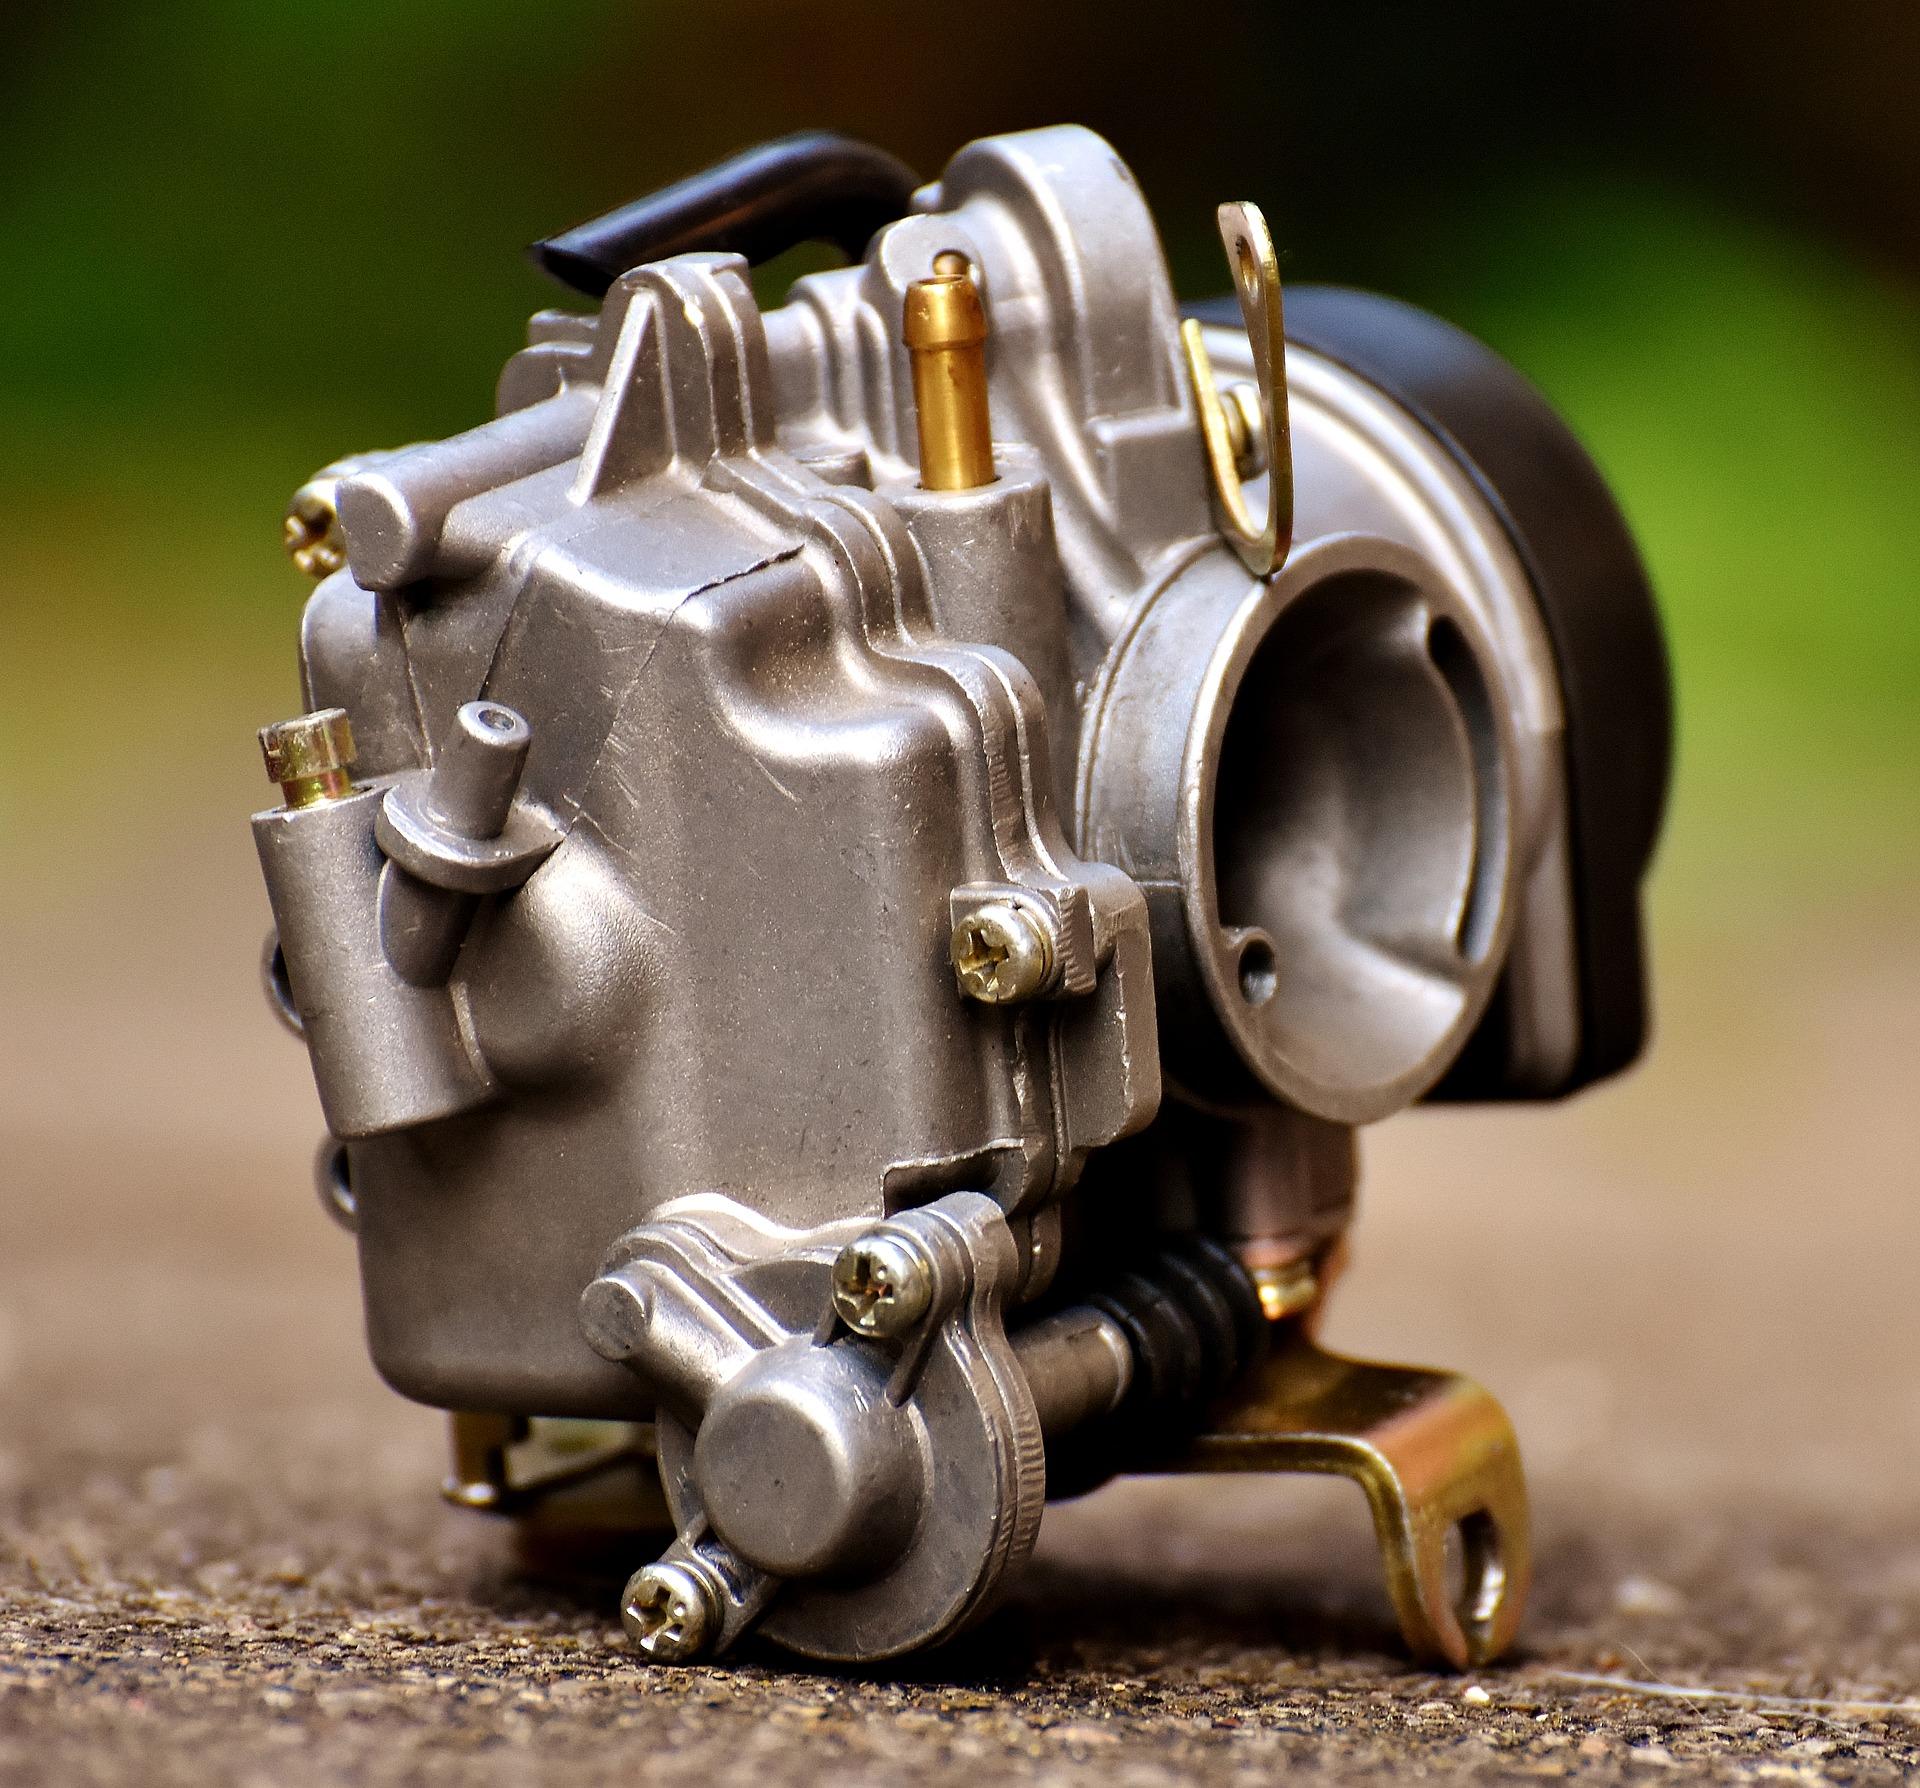 Motorcycle Carburetor Market